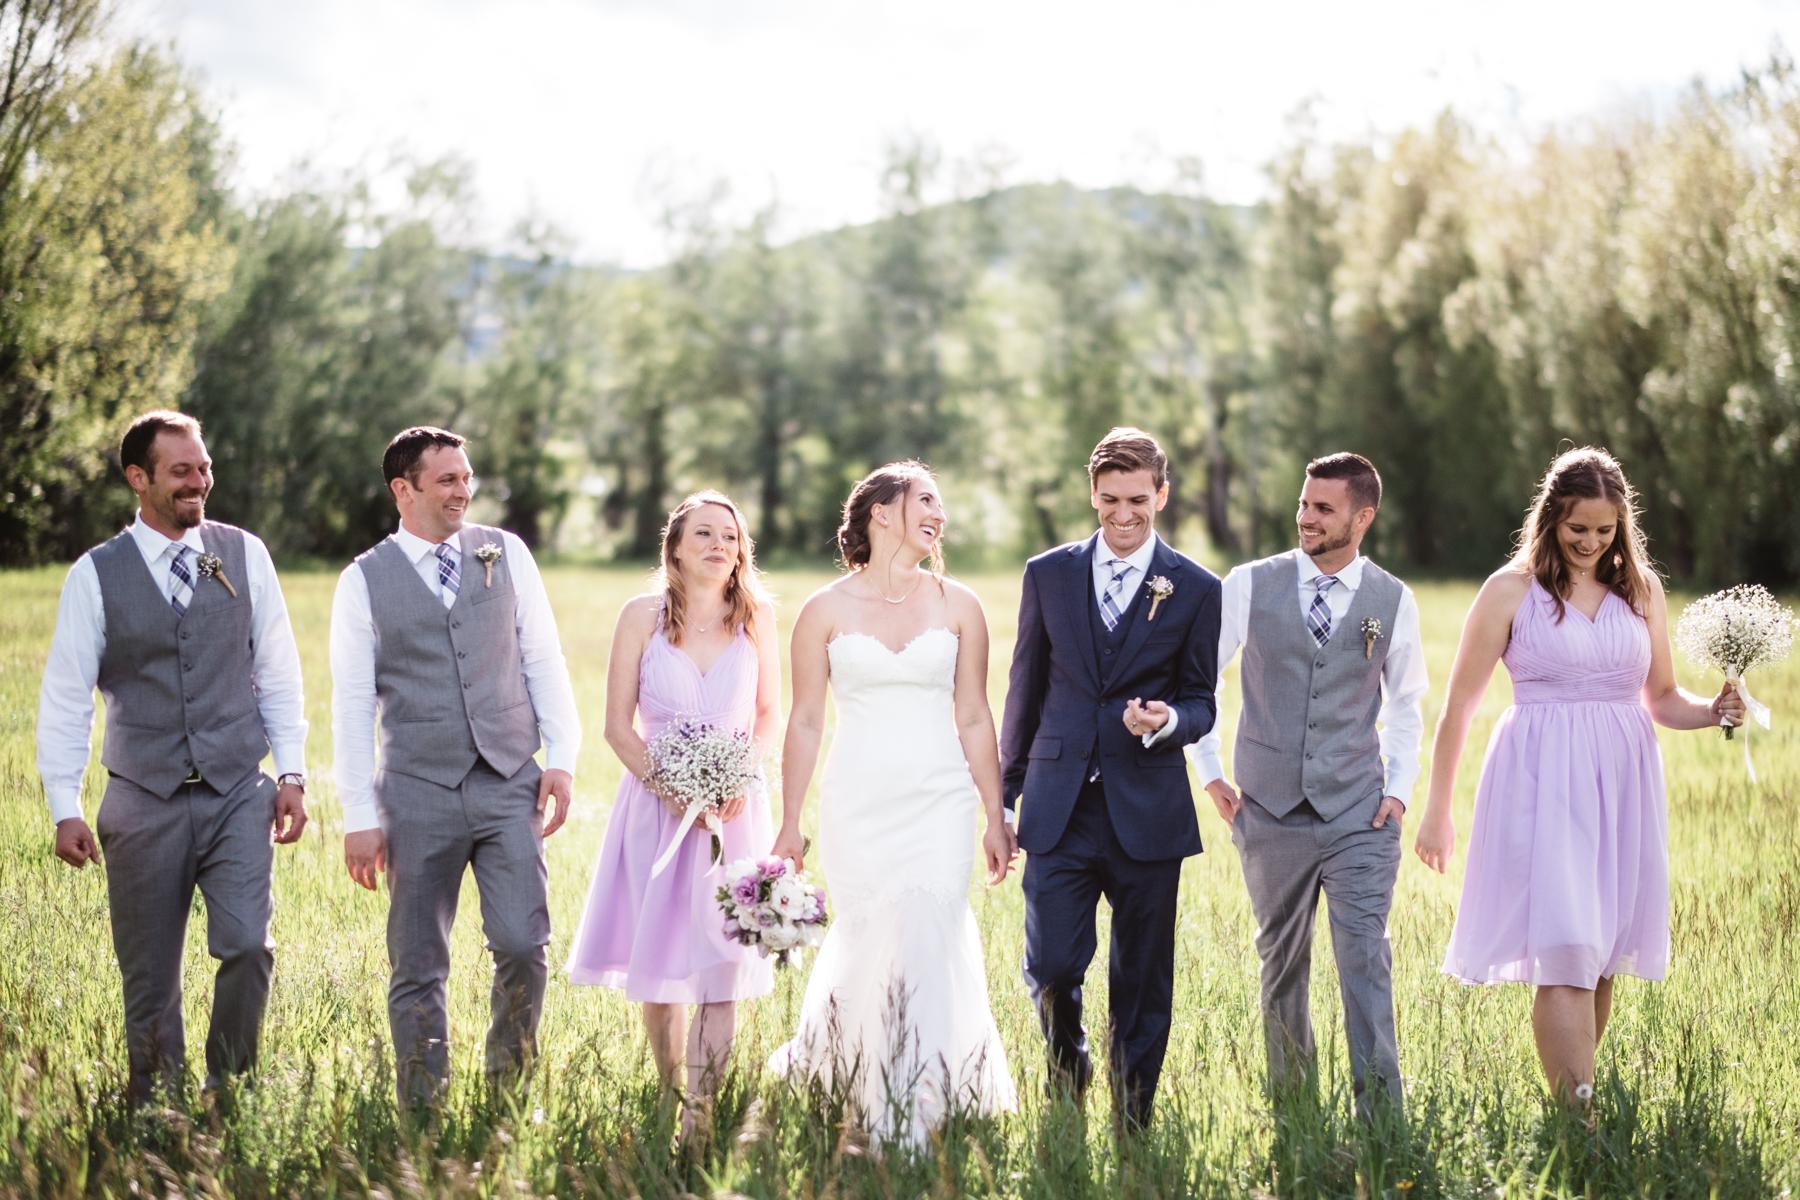 Chelsie+Mike-Lone-Hawk-Farm-Wedding-040.jpg